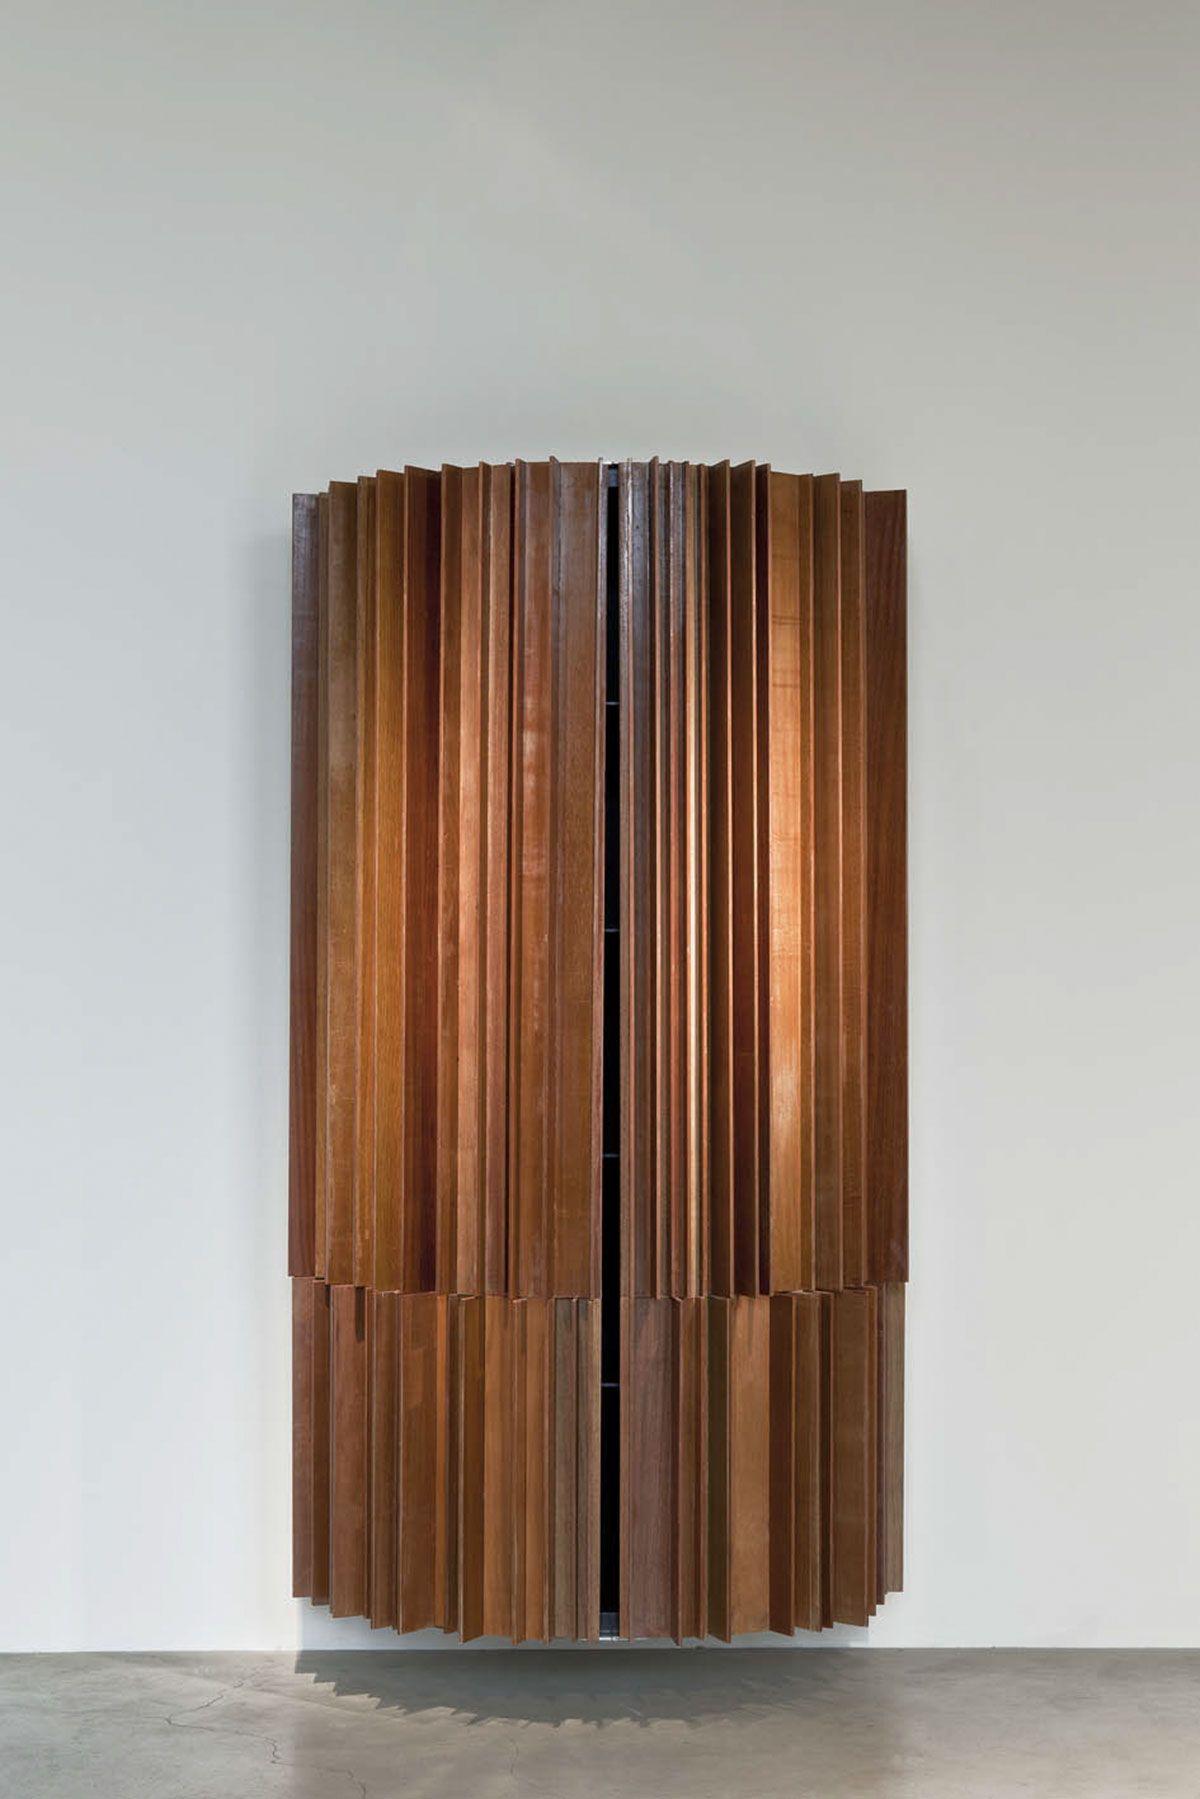 Progetto domestico item brutalist furniture art furniture modern furniture furniture storage furniture